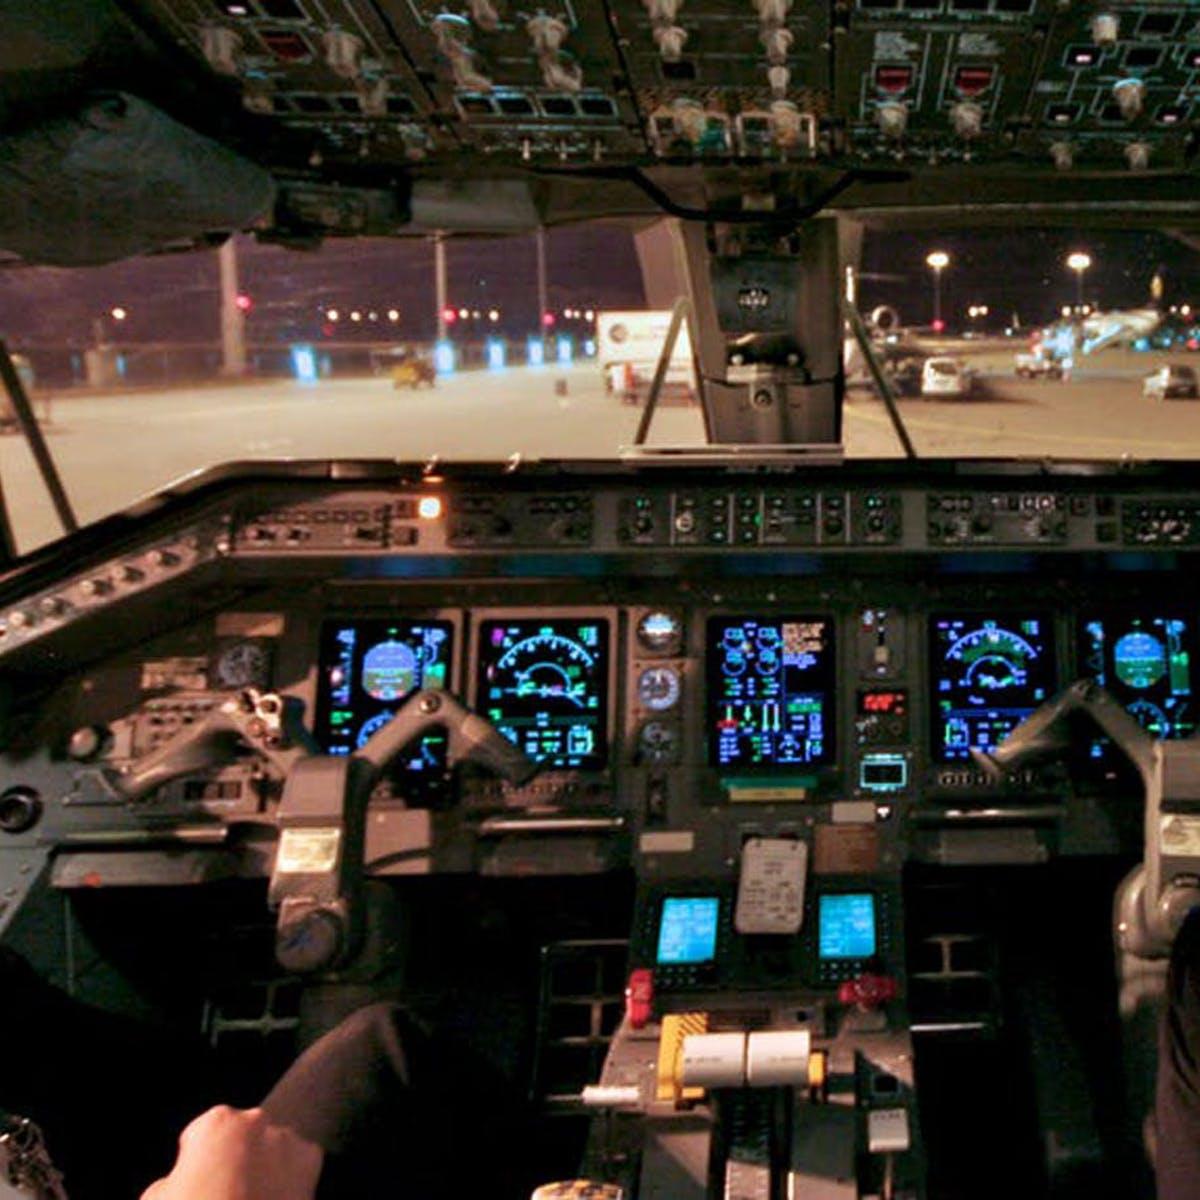 ICAO4PILOTS.COM